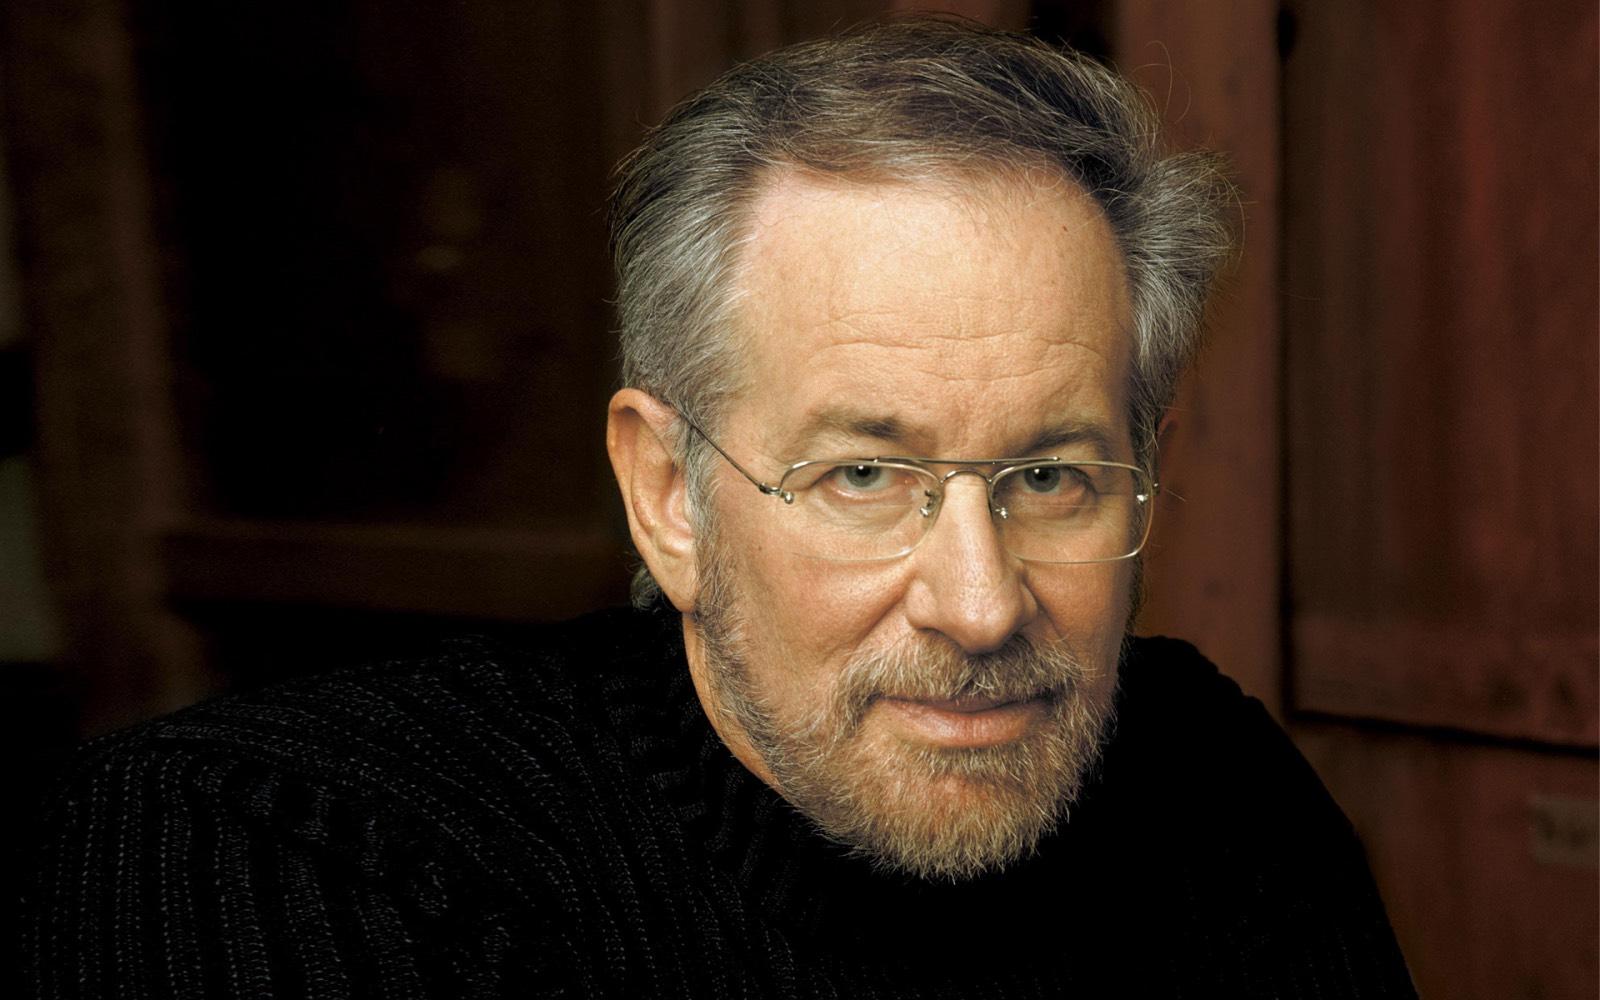 Steven Spielberg | Celebrities